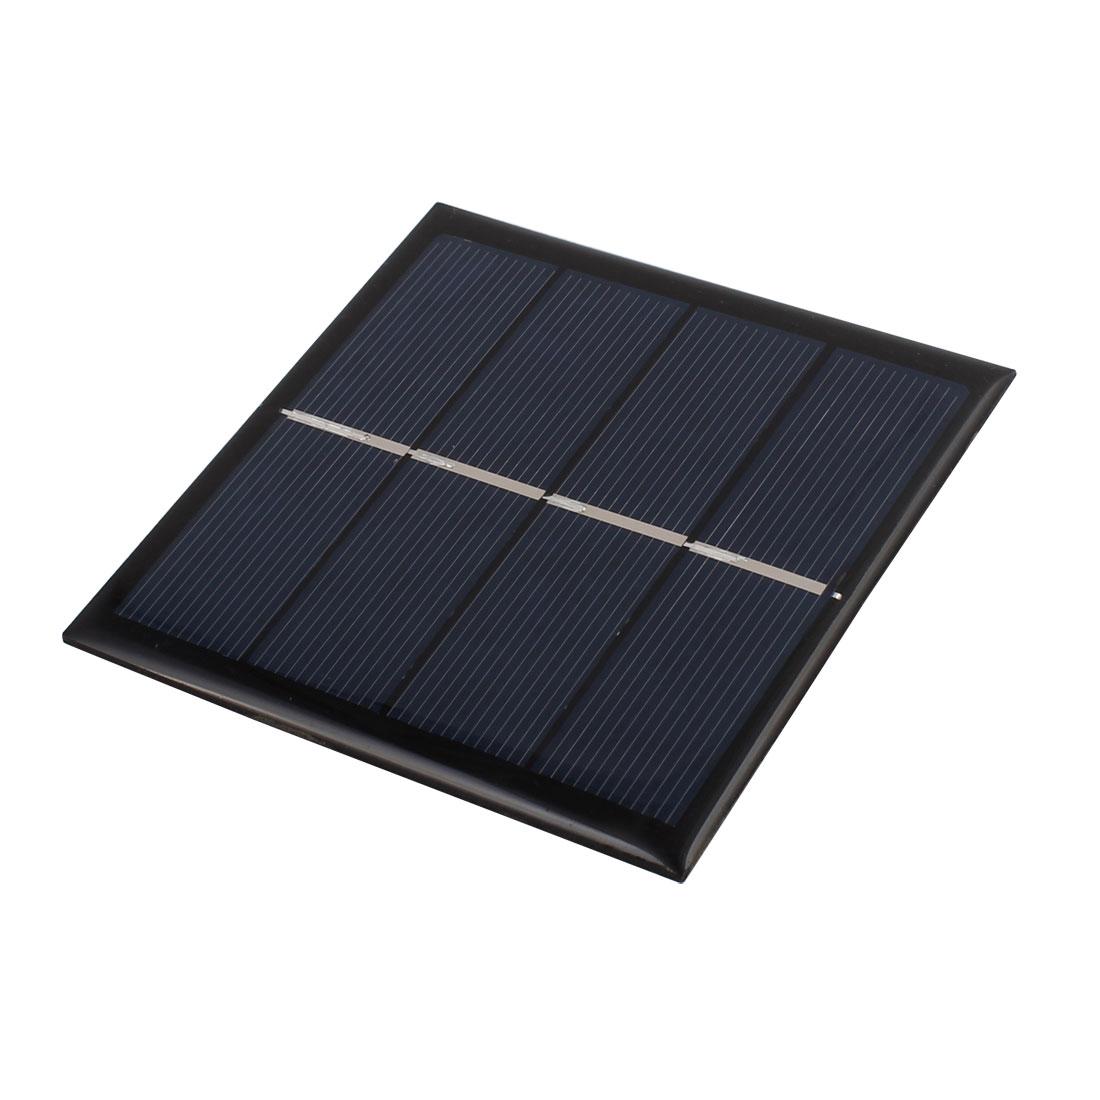 90mmx90mm 1 Watt 2 Volts Polycrystalline Solar Panel for 1.5V AAA Battery